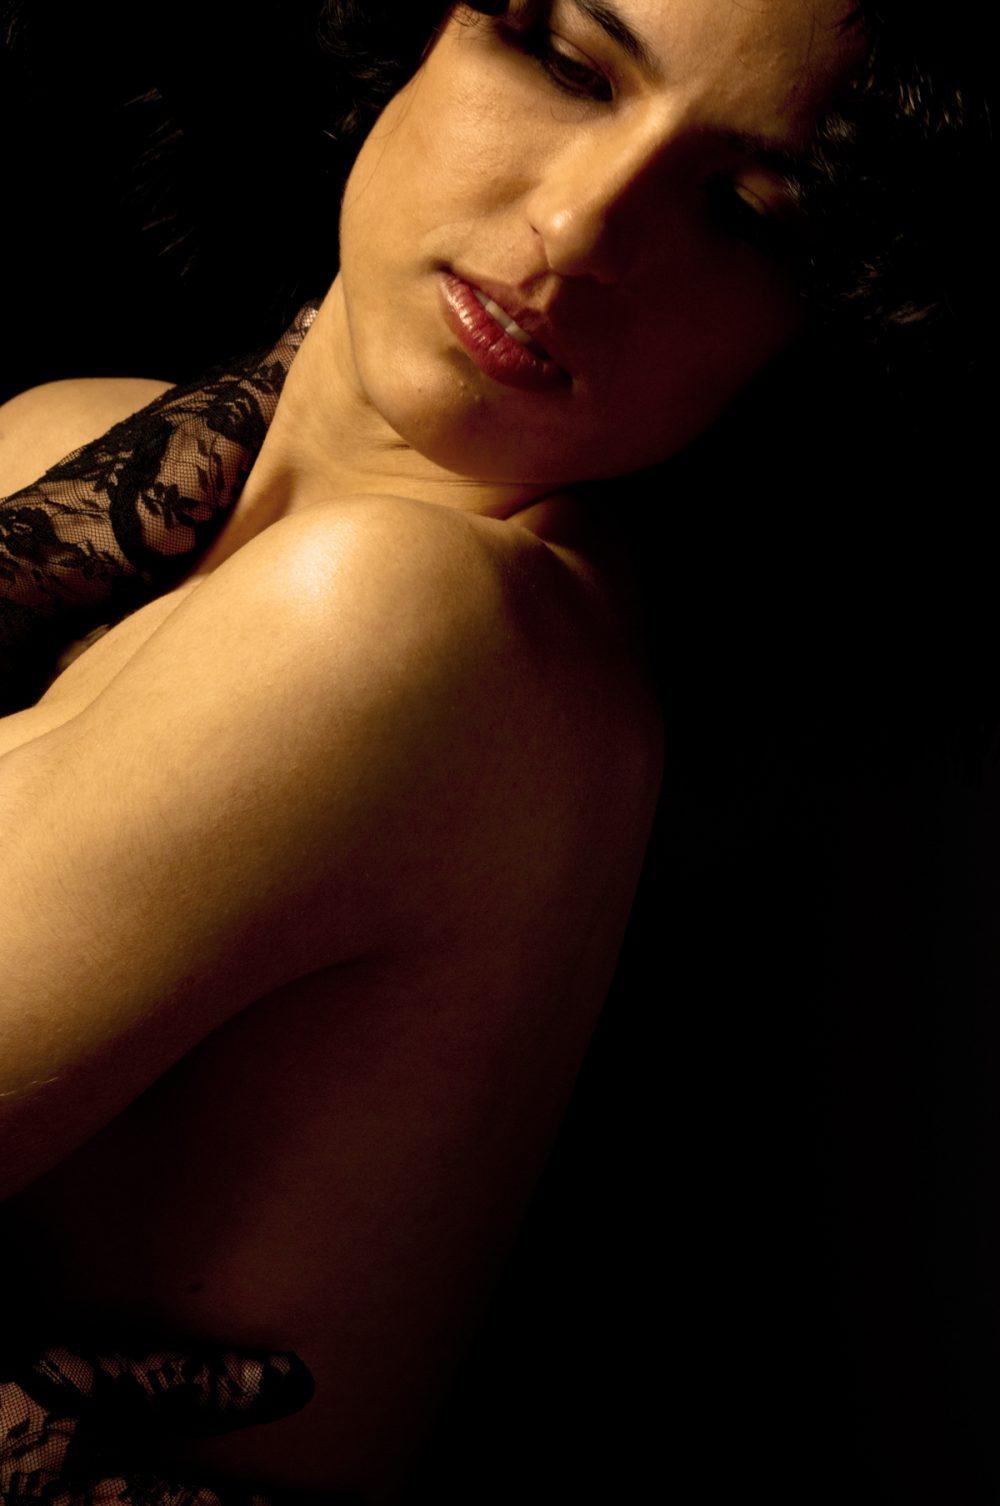 Fotografía de desnudos | Vanessa detalle